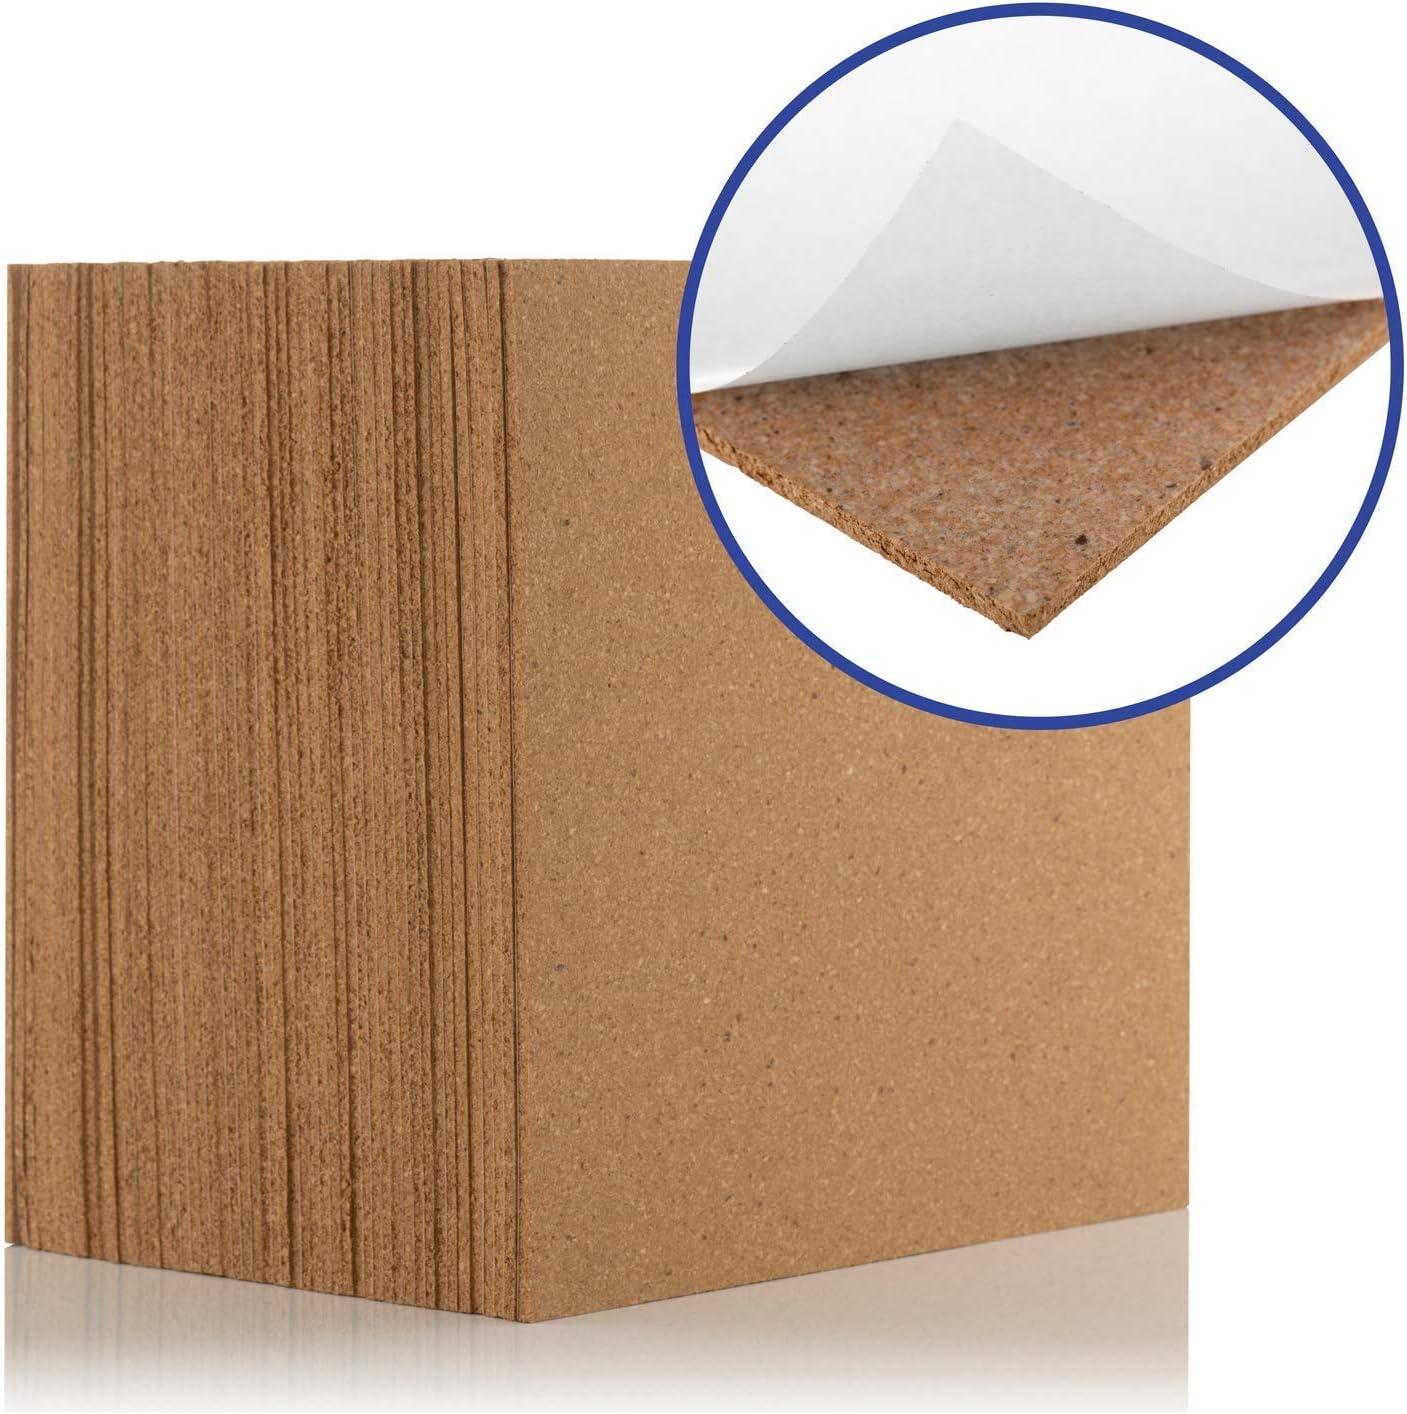 Azulejos de corcho autoadhesivos (0,81 m² de cobertura) – Natural 300 x 300 mm, azulejos ideales para suelos, paredes, bricolaje, tableros de pines y proyectos de manualidades actúa como prueba de son